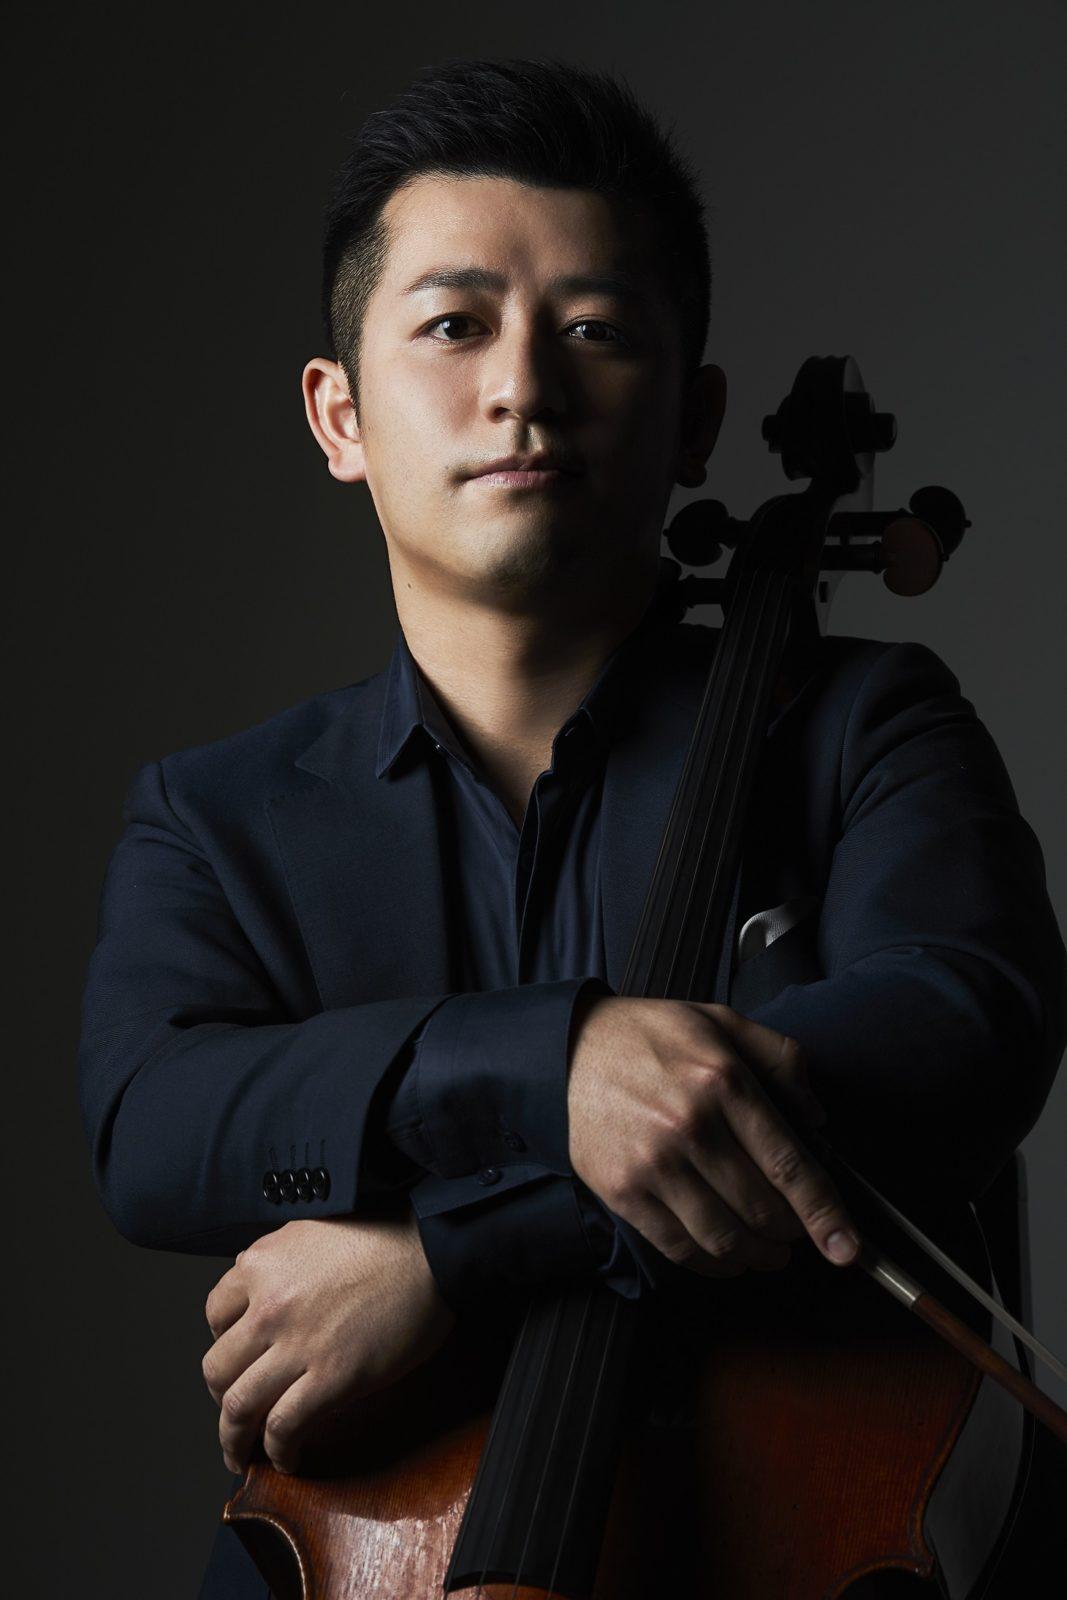 宮田大、クラシックの名曲3曲を配信リリース